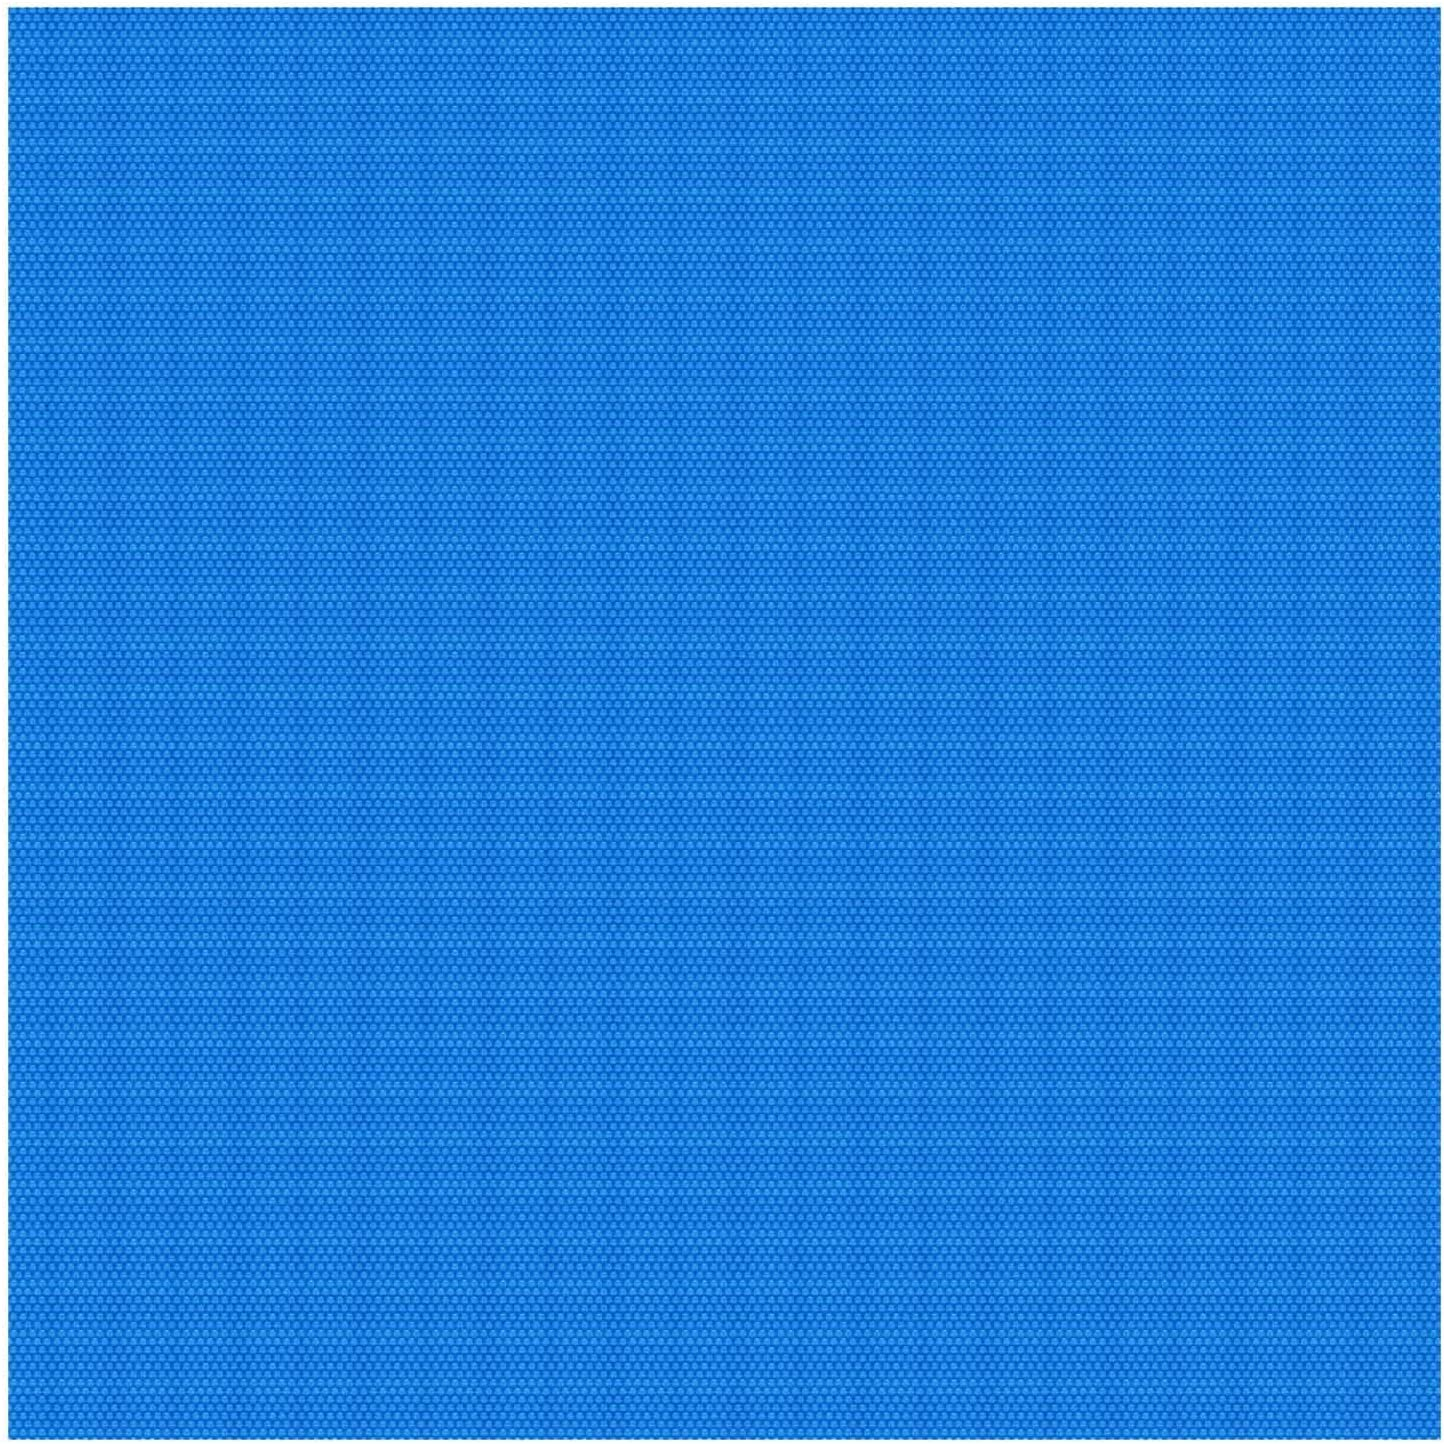 WilTec Cubierta Solar Piscina isotérmica Azul Rectangular 4x6m Lona térmica Protectora Cobertor Piscina